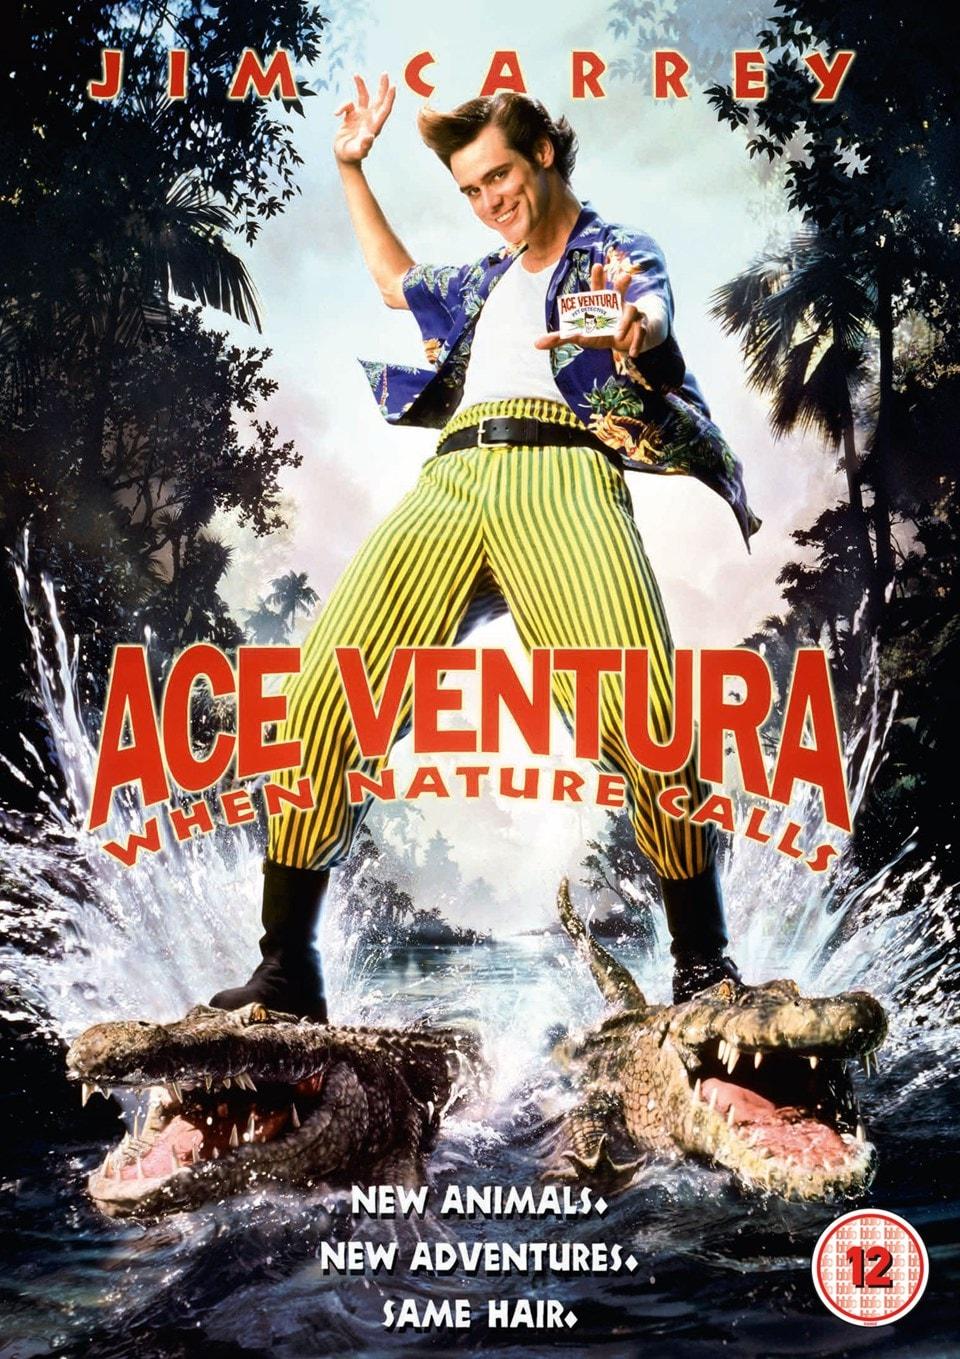 Ace Ventura: When Nature Calls - 1